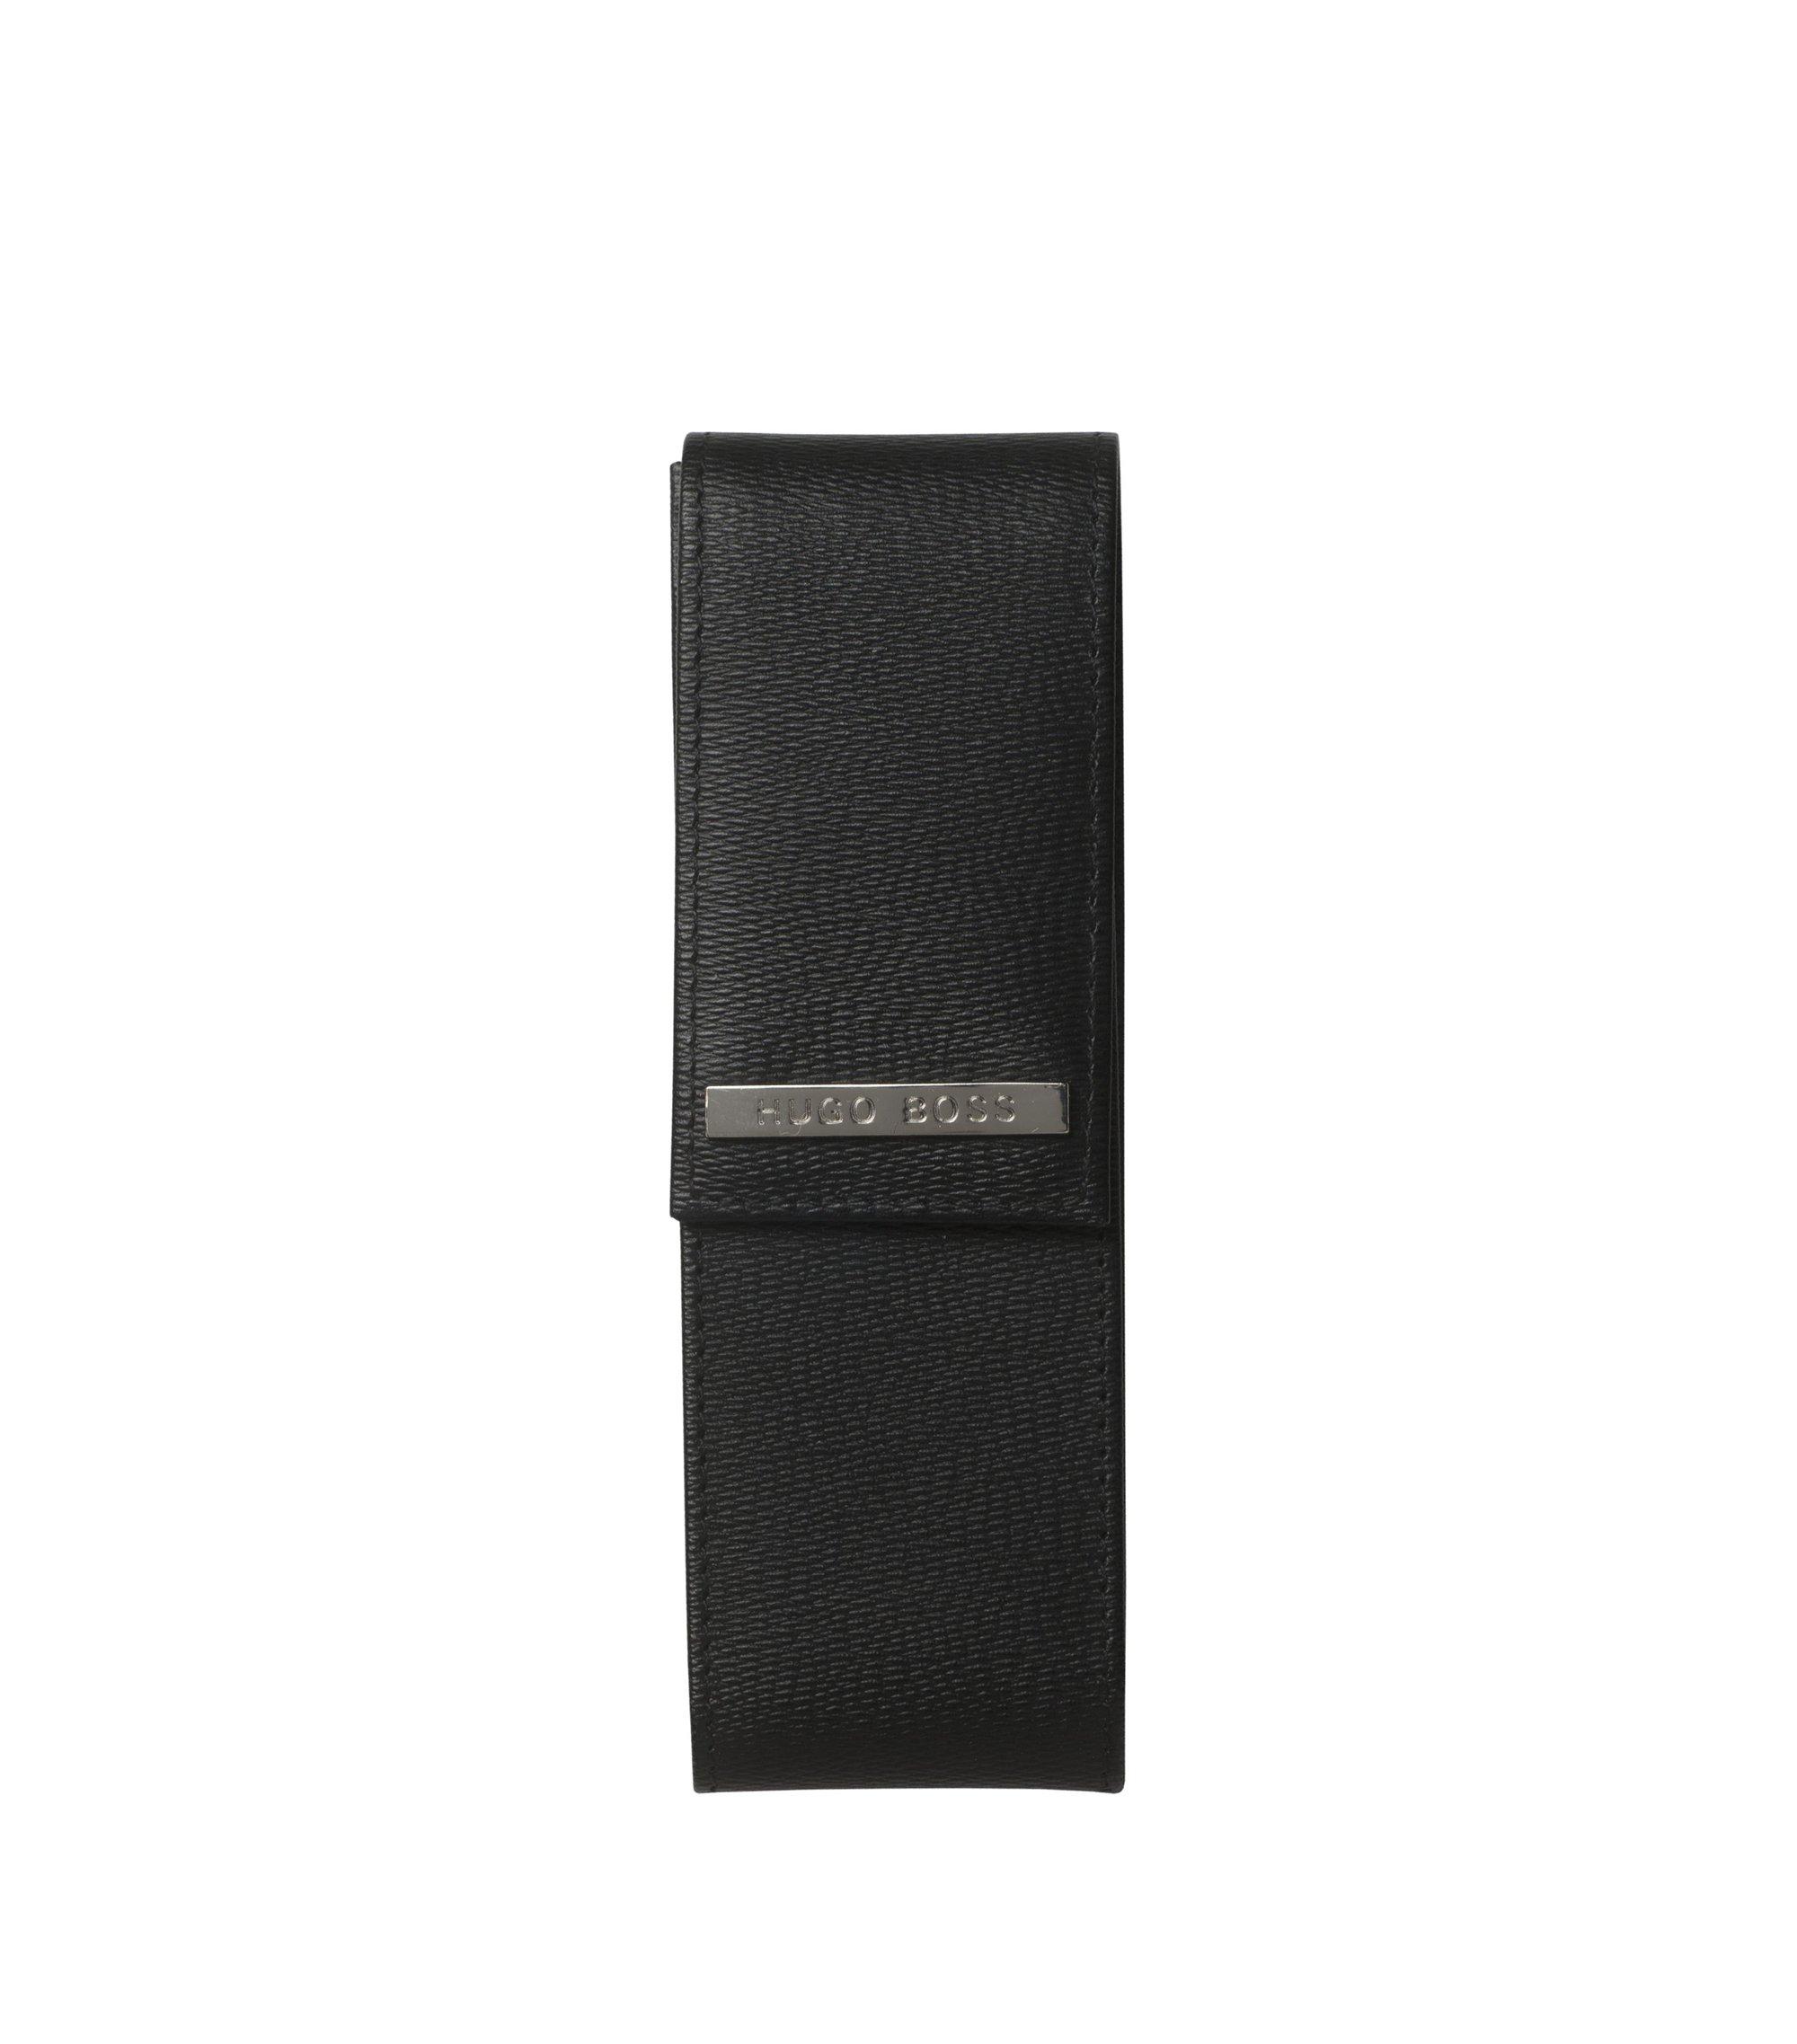 Étui pour stylos en cuir texturé, Noir